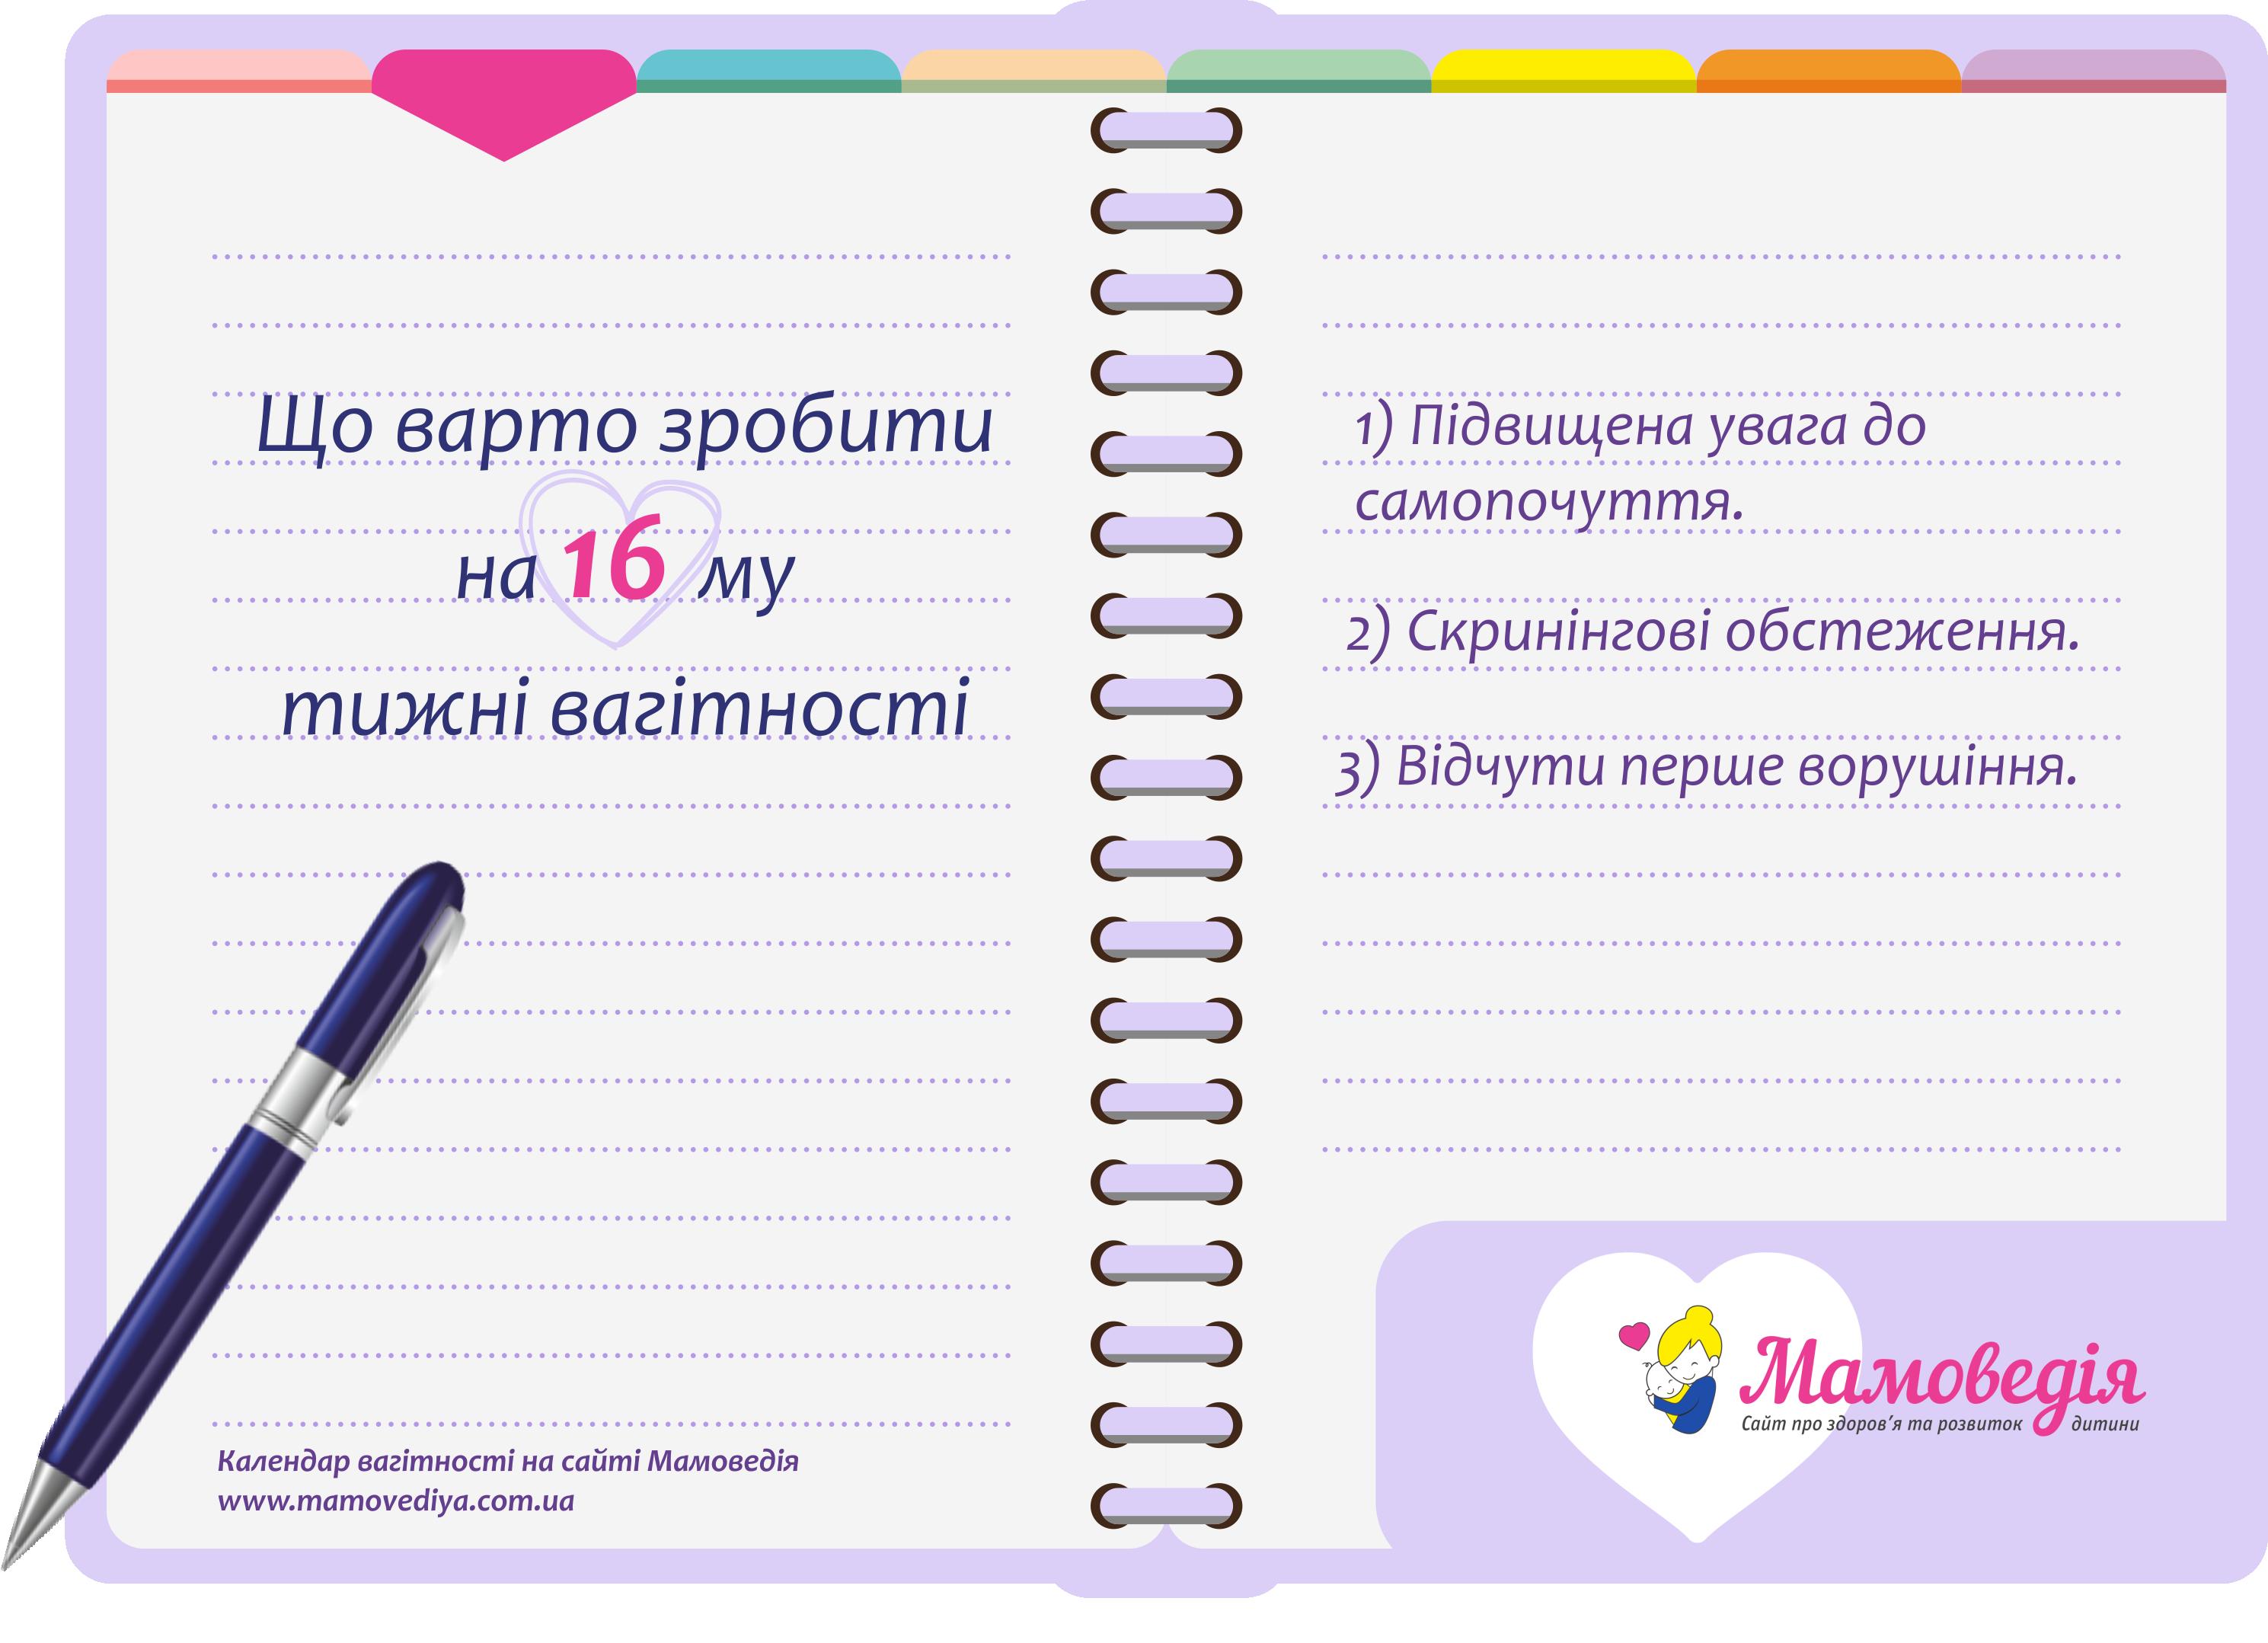 що варто зробити на 16 тижні вагітносіт - календар вагітності